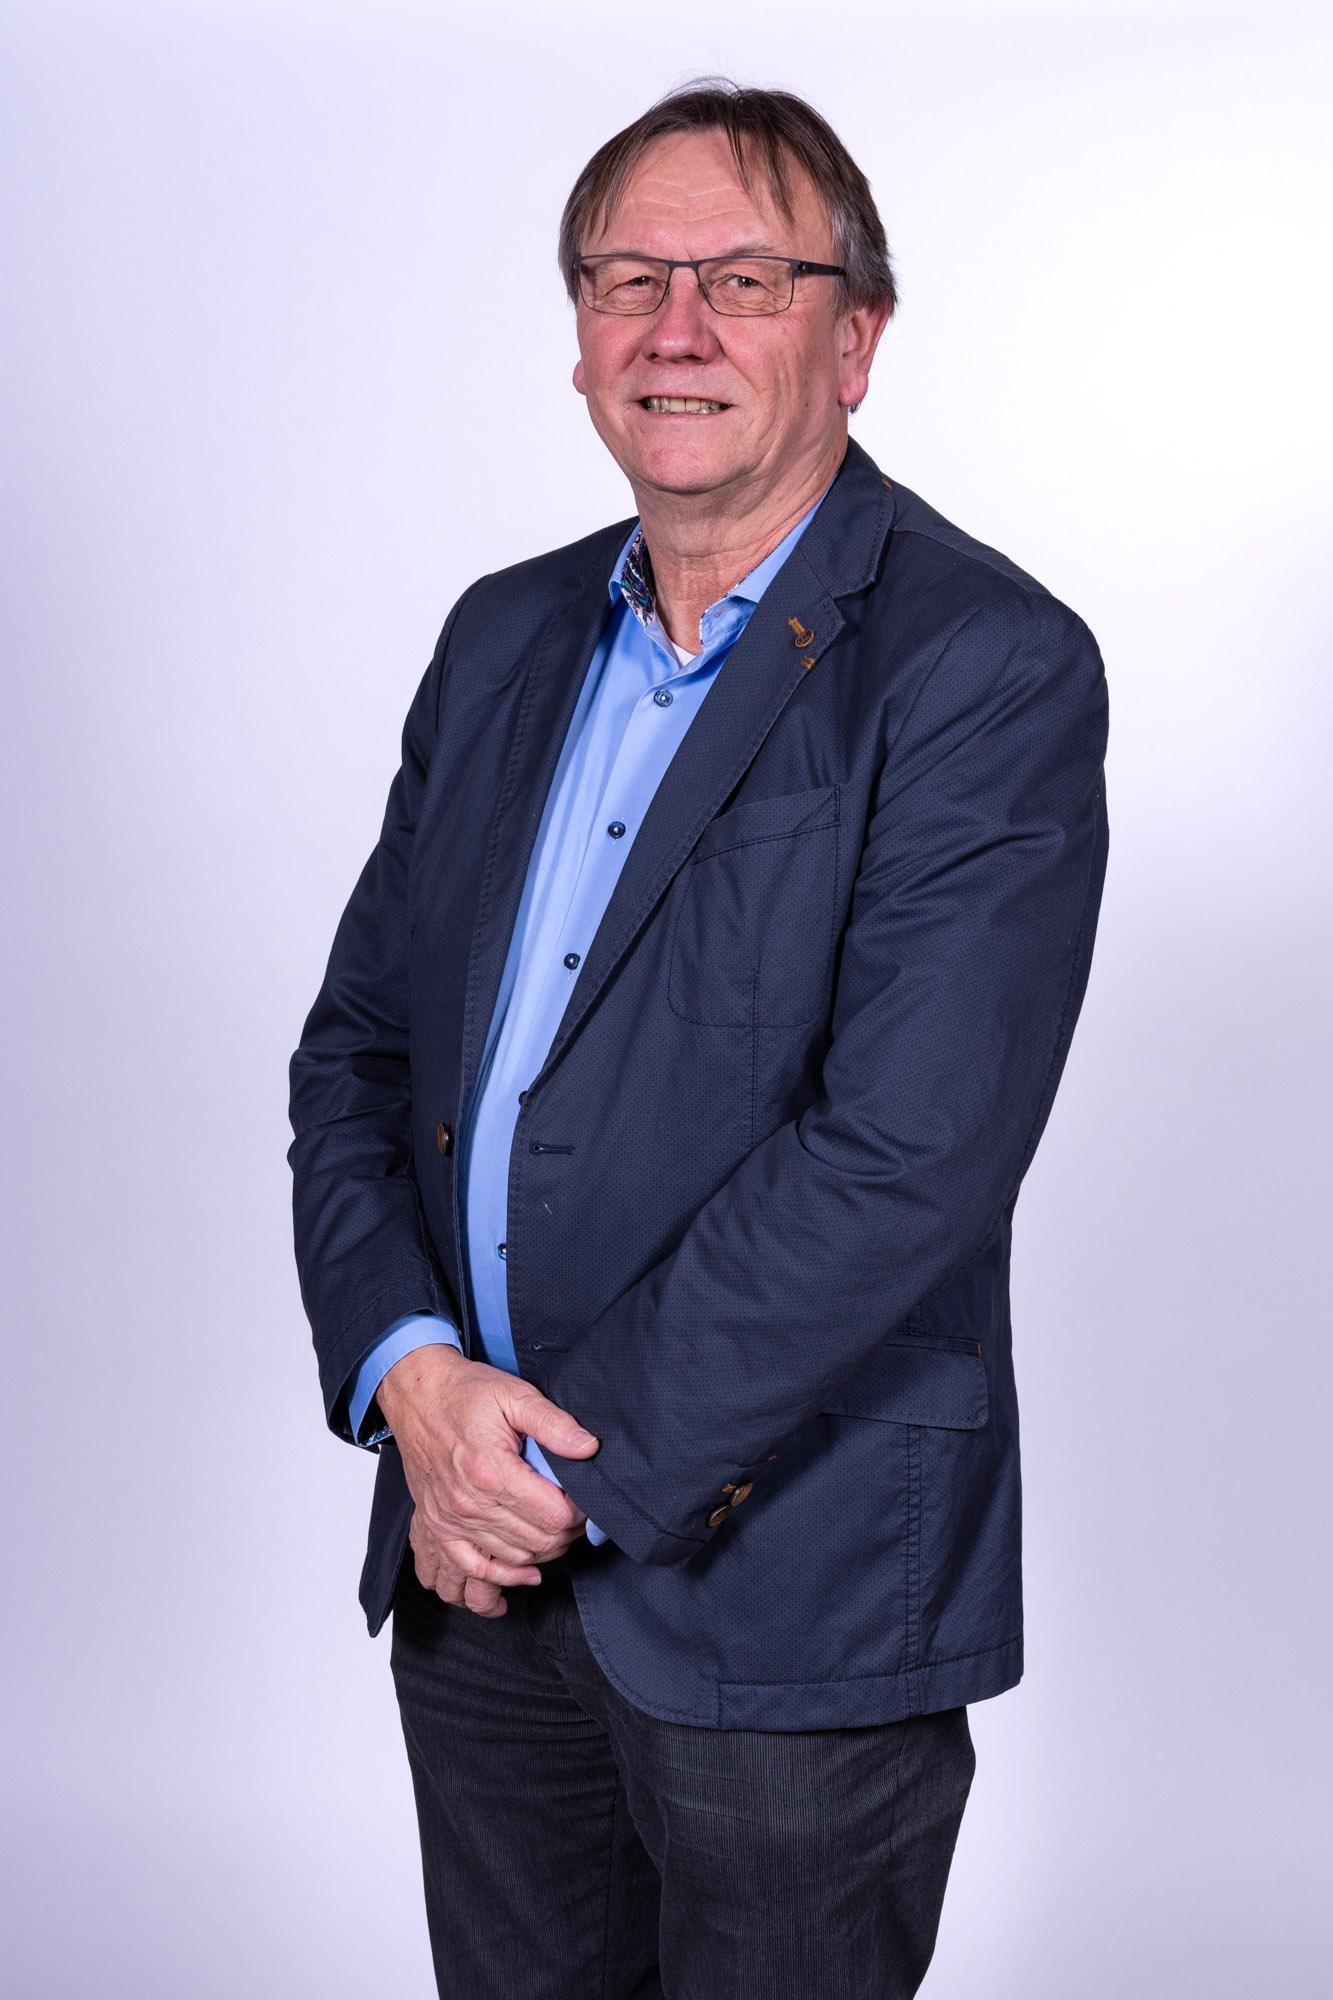 Reinhard Becker